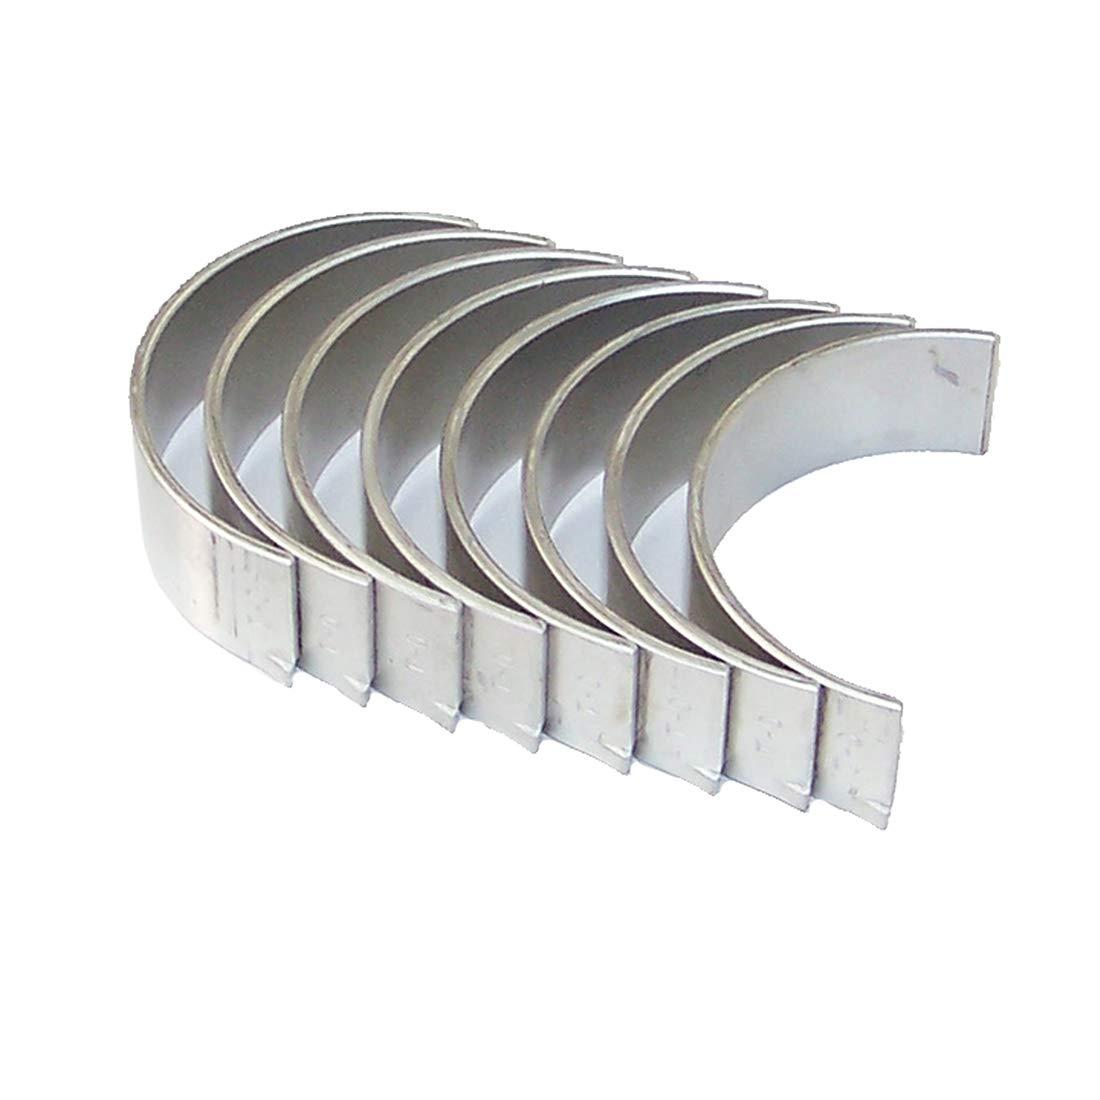 DNJ Engine Components RB214 Rod Bearing Set Size Standard Oversize